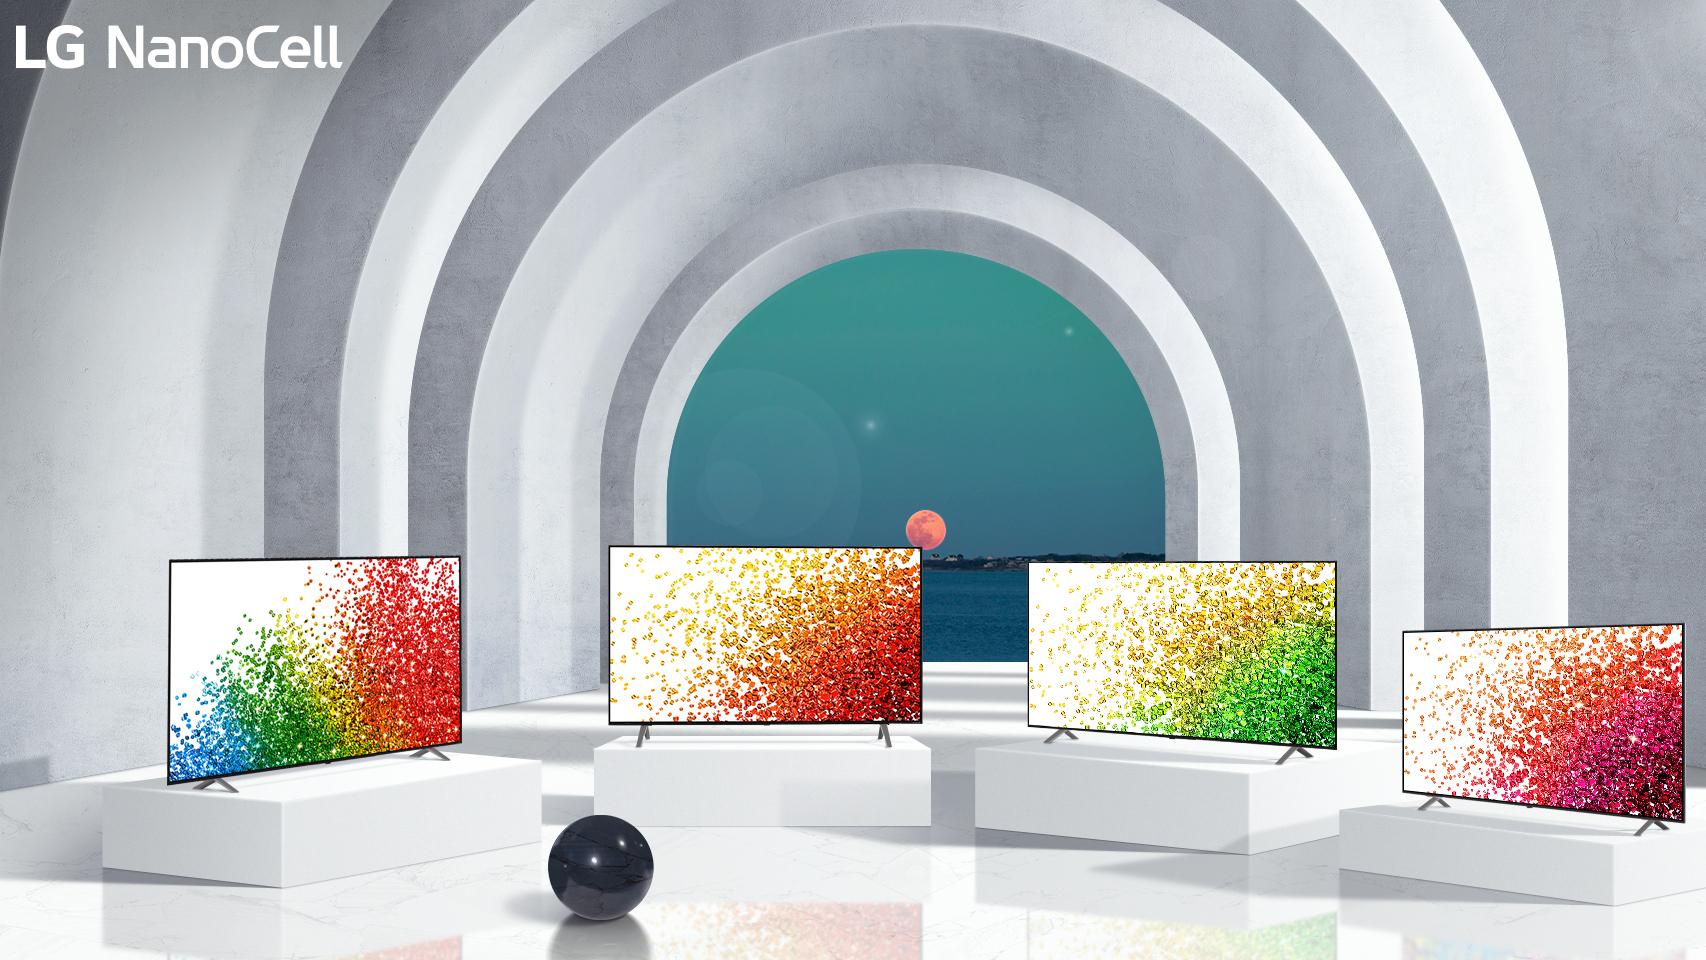 Nuevos televisores LG